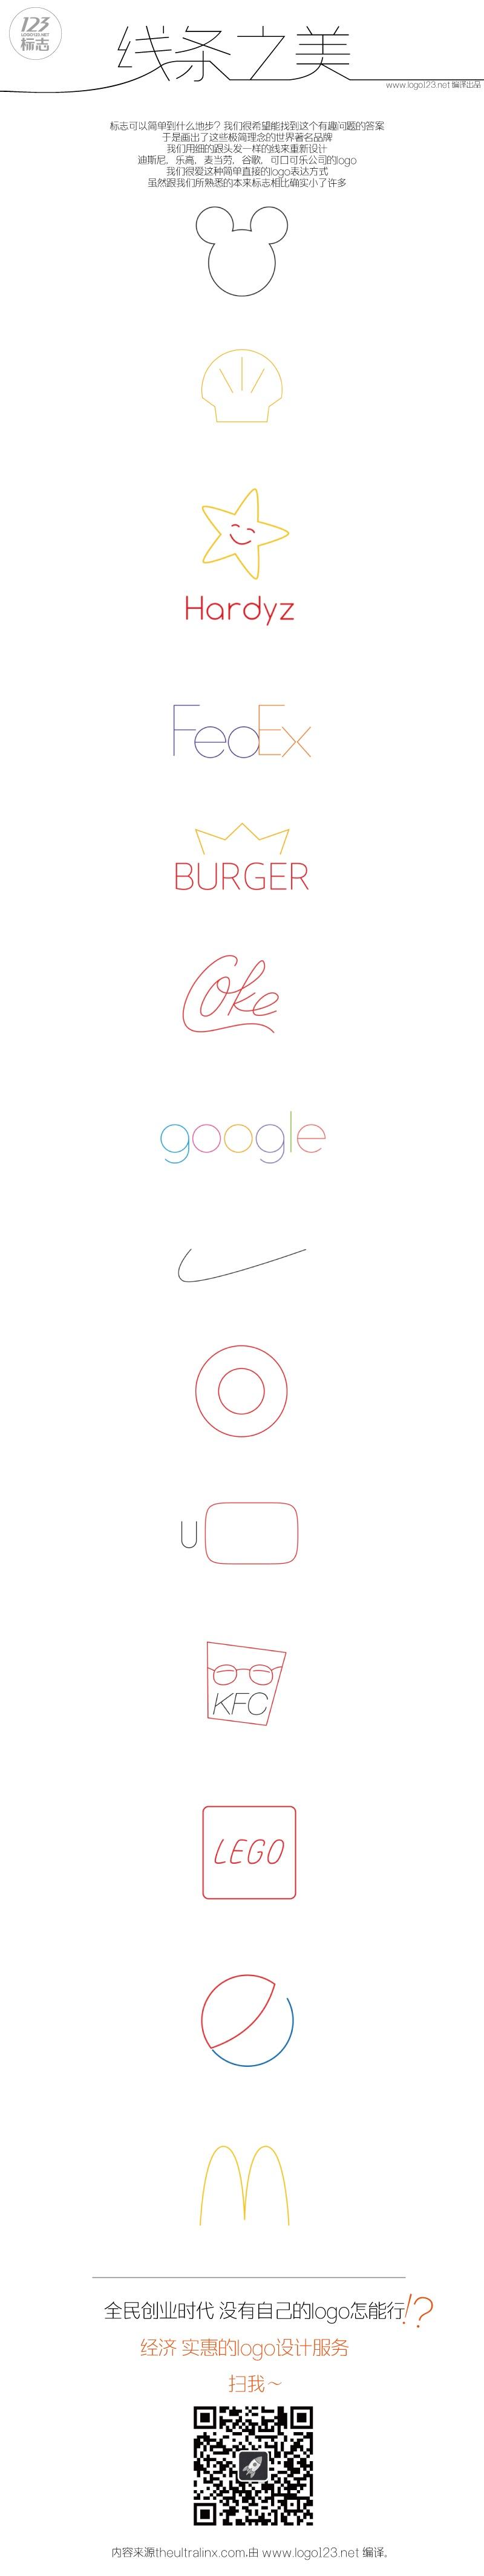 超级简单线条构建的著名logo欣赏